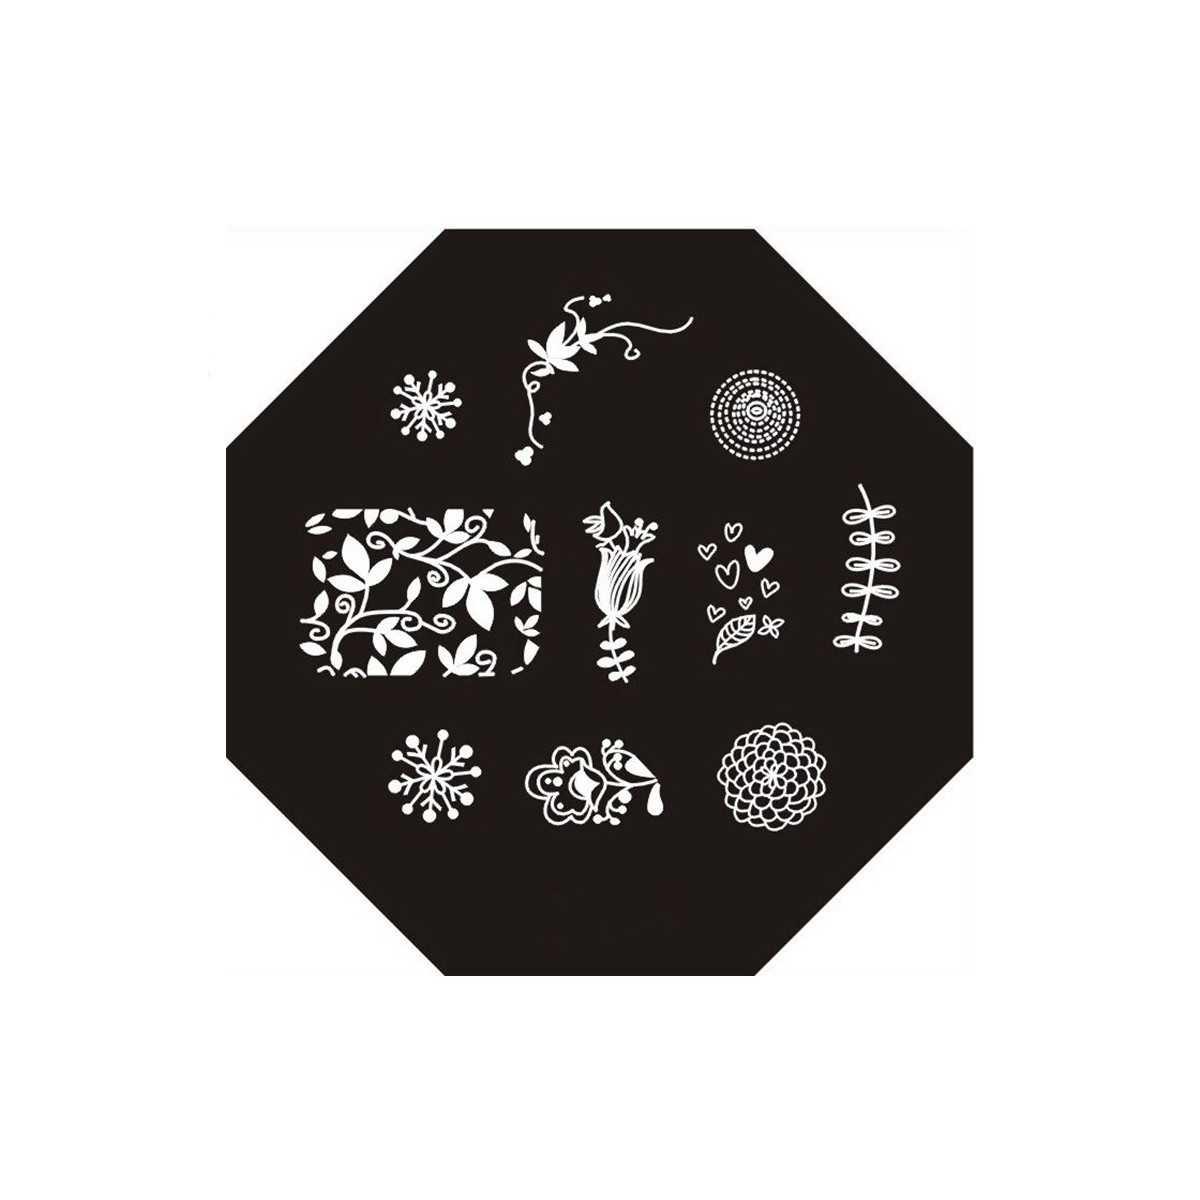 https://www.kit-manucure.com/651-thickbox_default/plaque-de-stamping-fleur-délicate-et-végétation.jpg